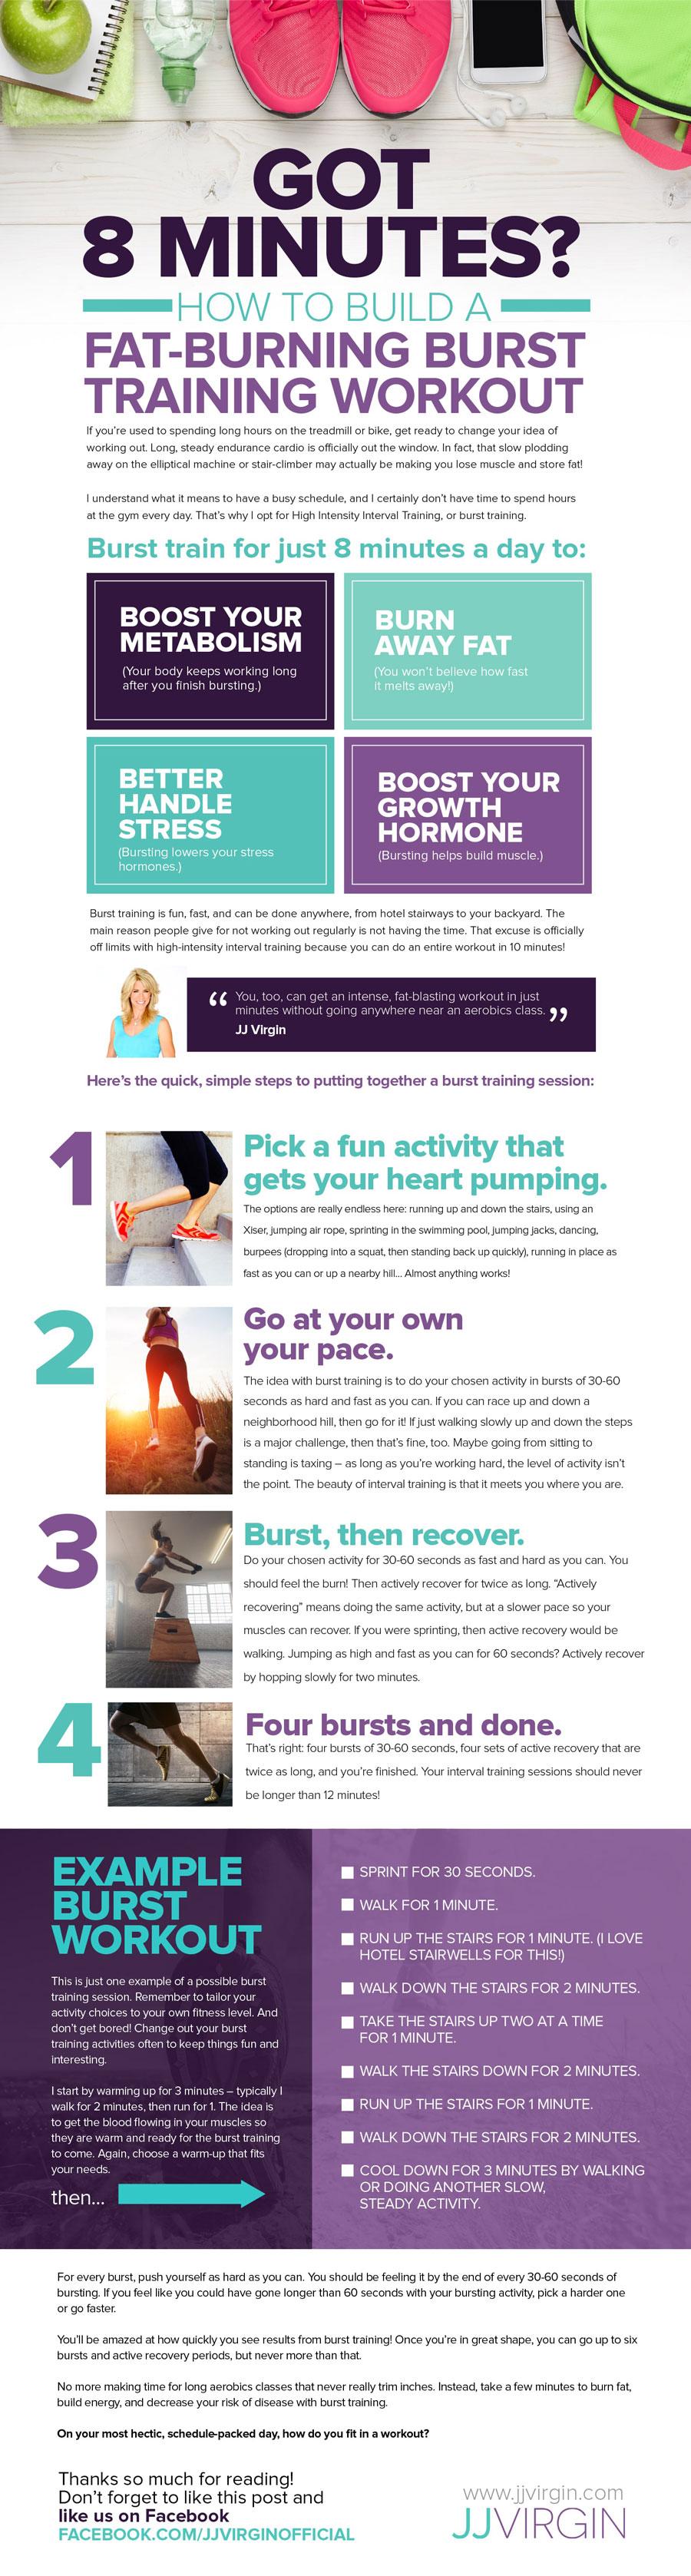 Burst Training Workout